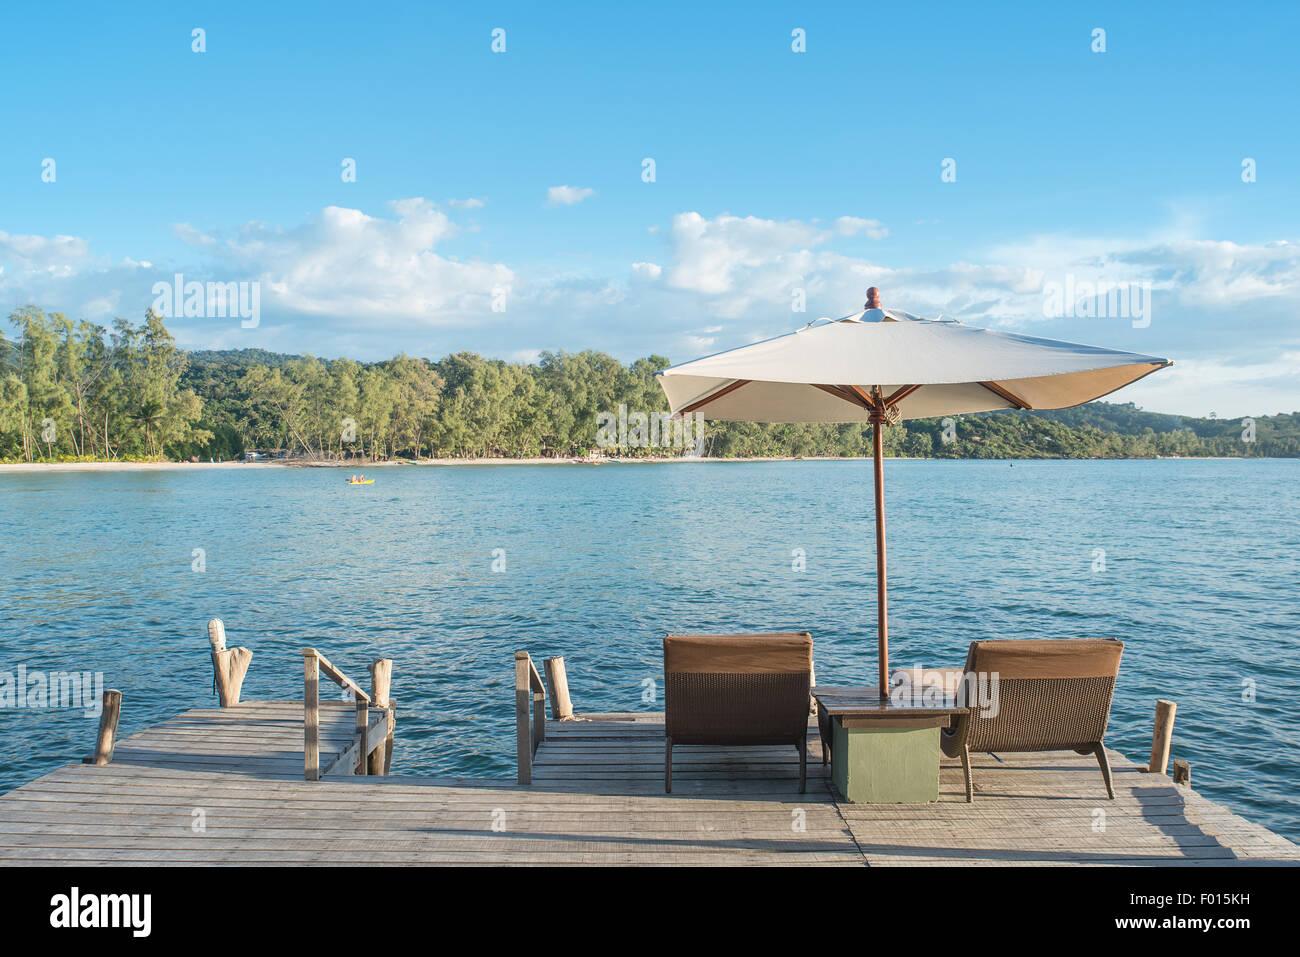 Verano viajes vacaciones y d as festivos concepto de for Sillas de madera para escritorio